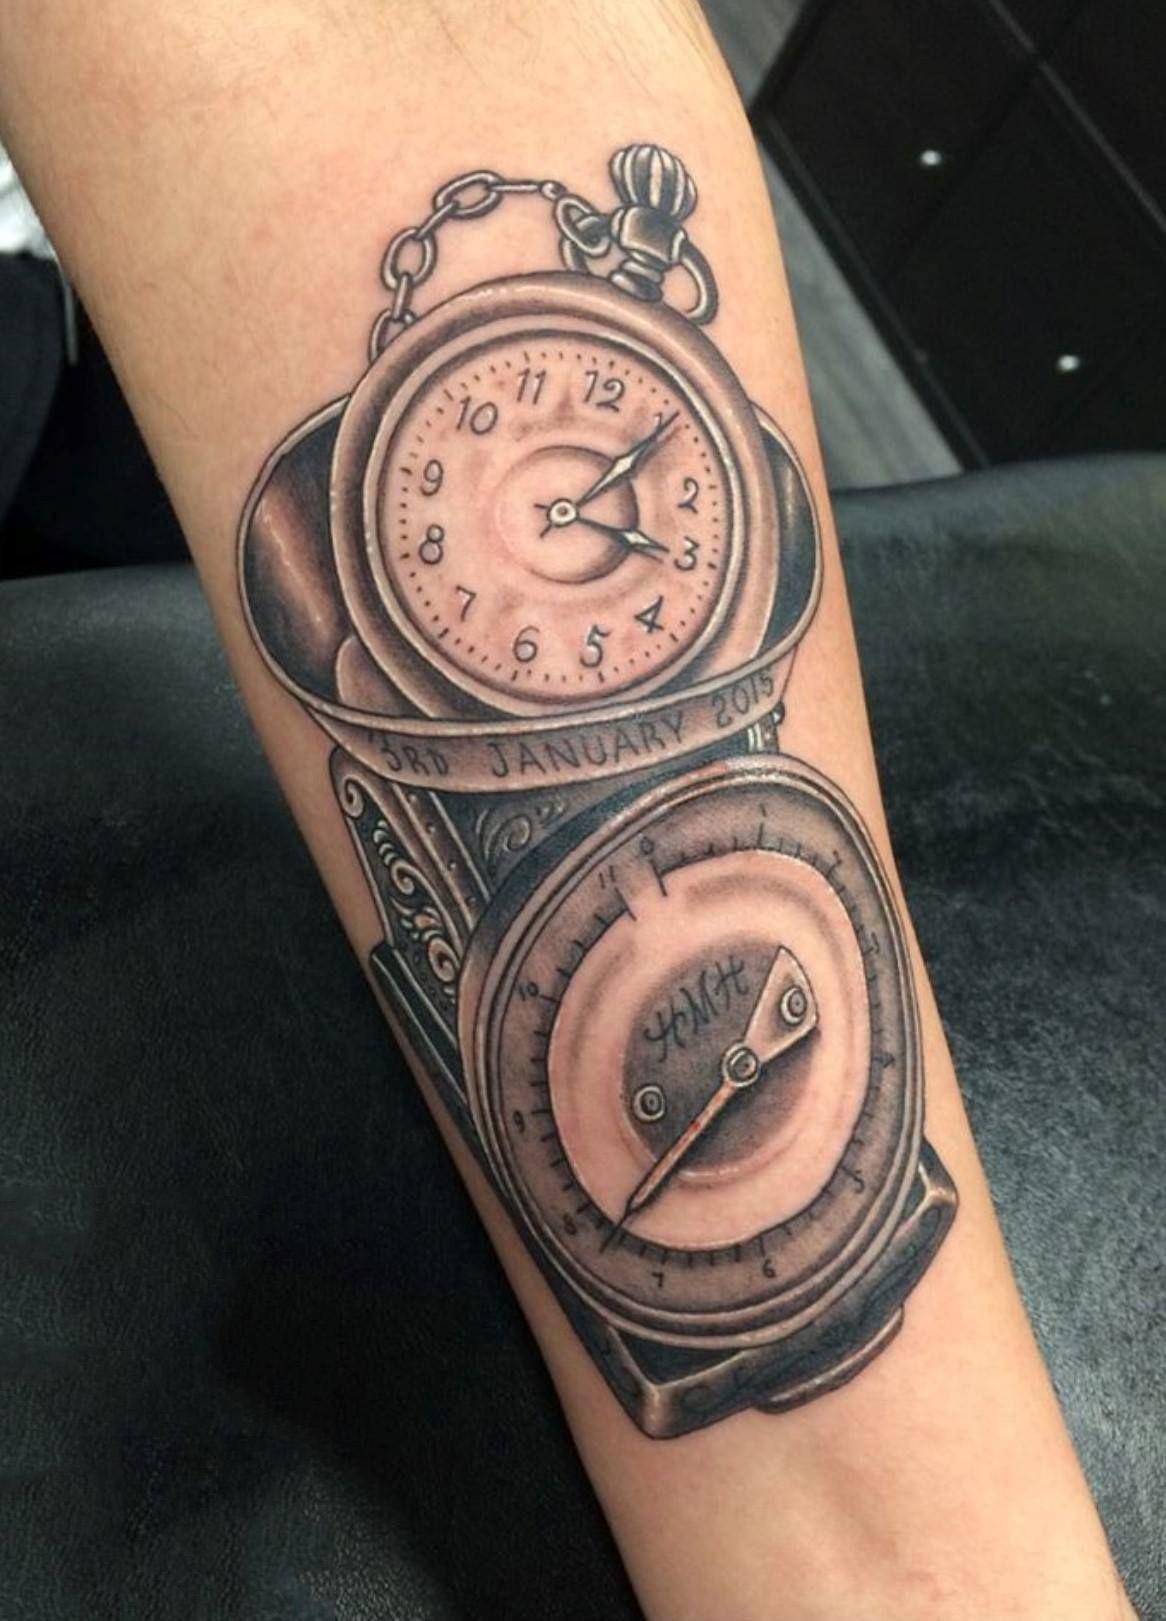 Hình xăm đồng hồ thế kỉ